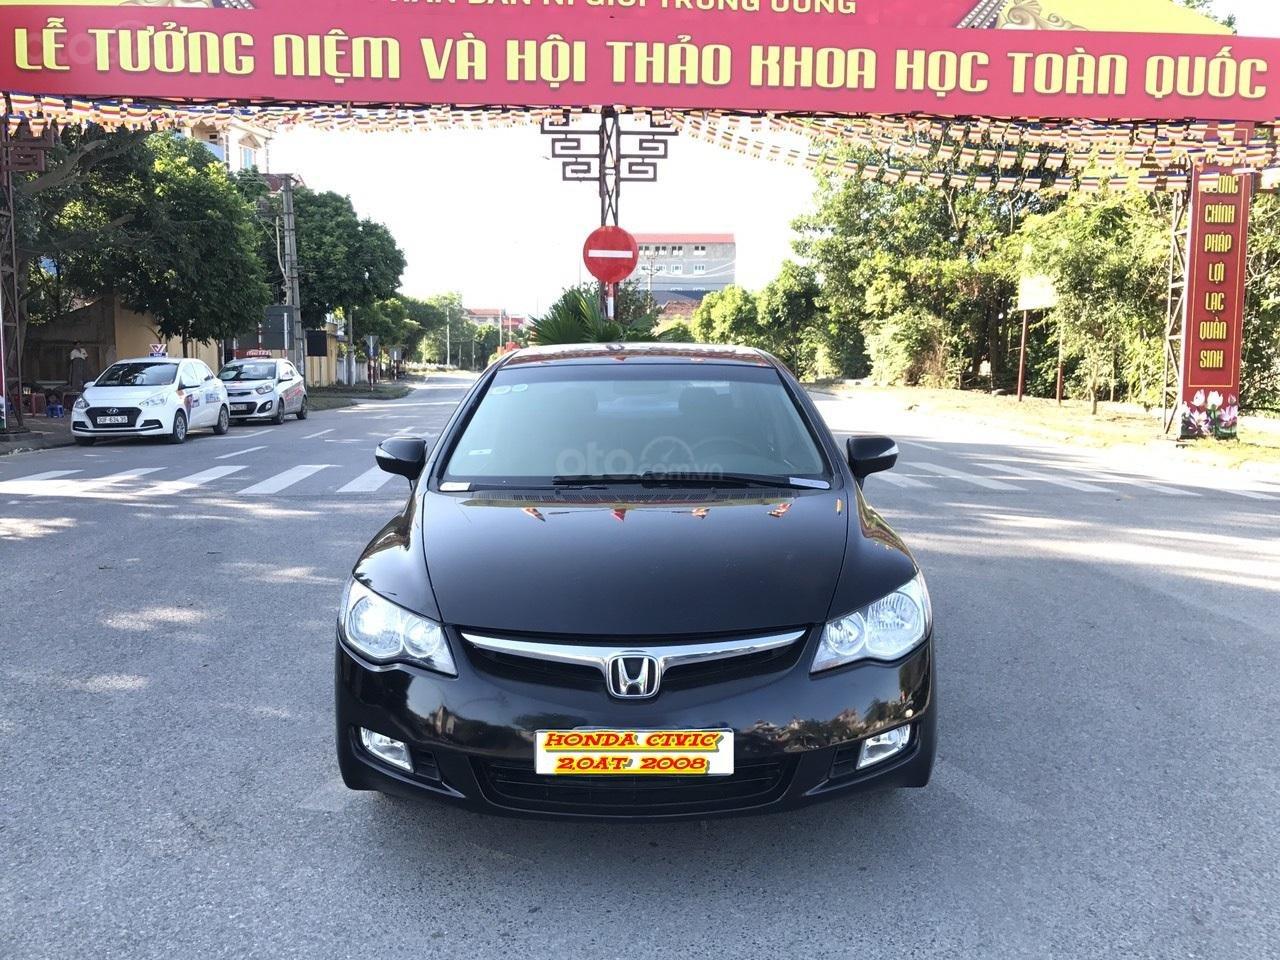 Cần bán Honda Civic 2.0AT sản xuất năm 2008, màu đen, chính chủ, xe tuyển (1)